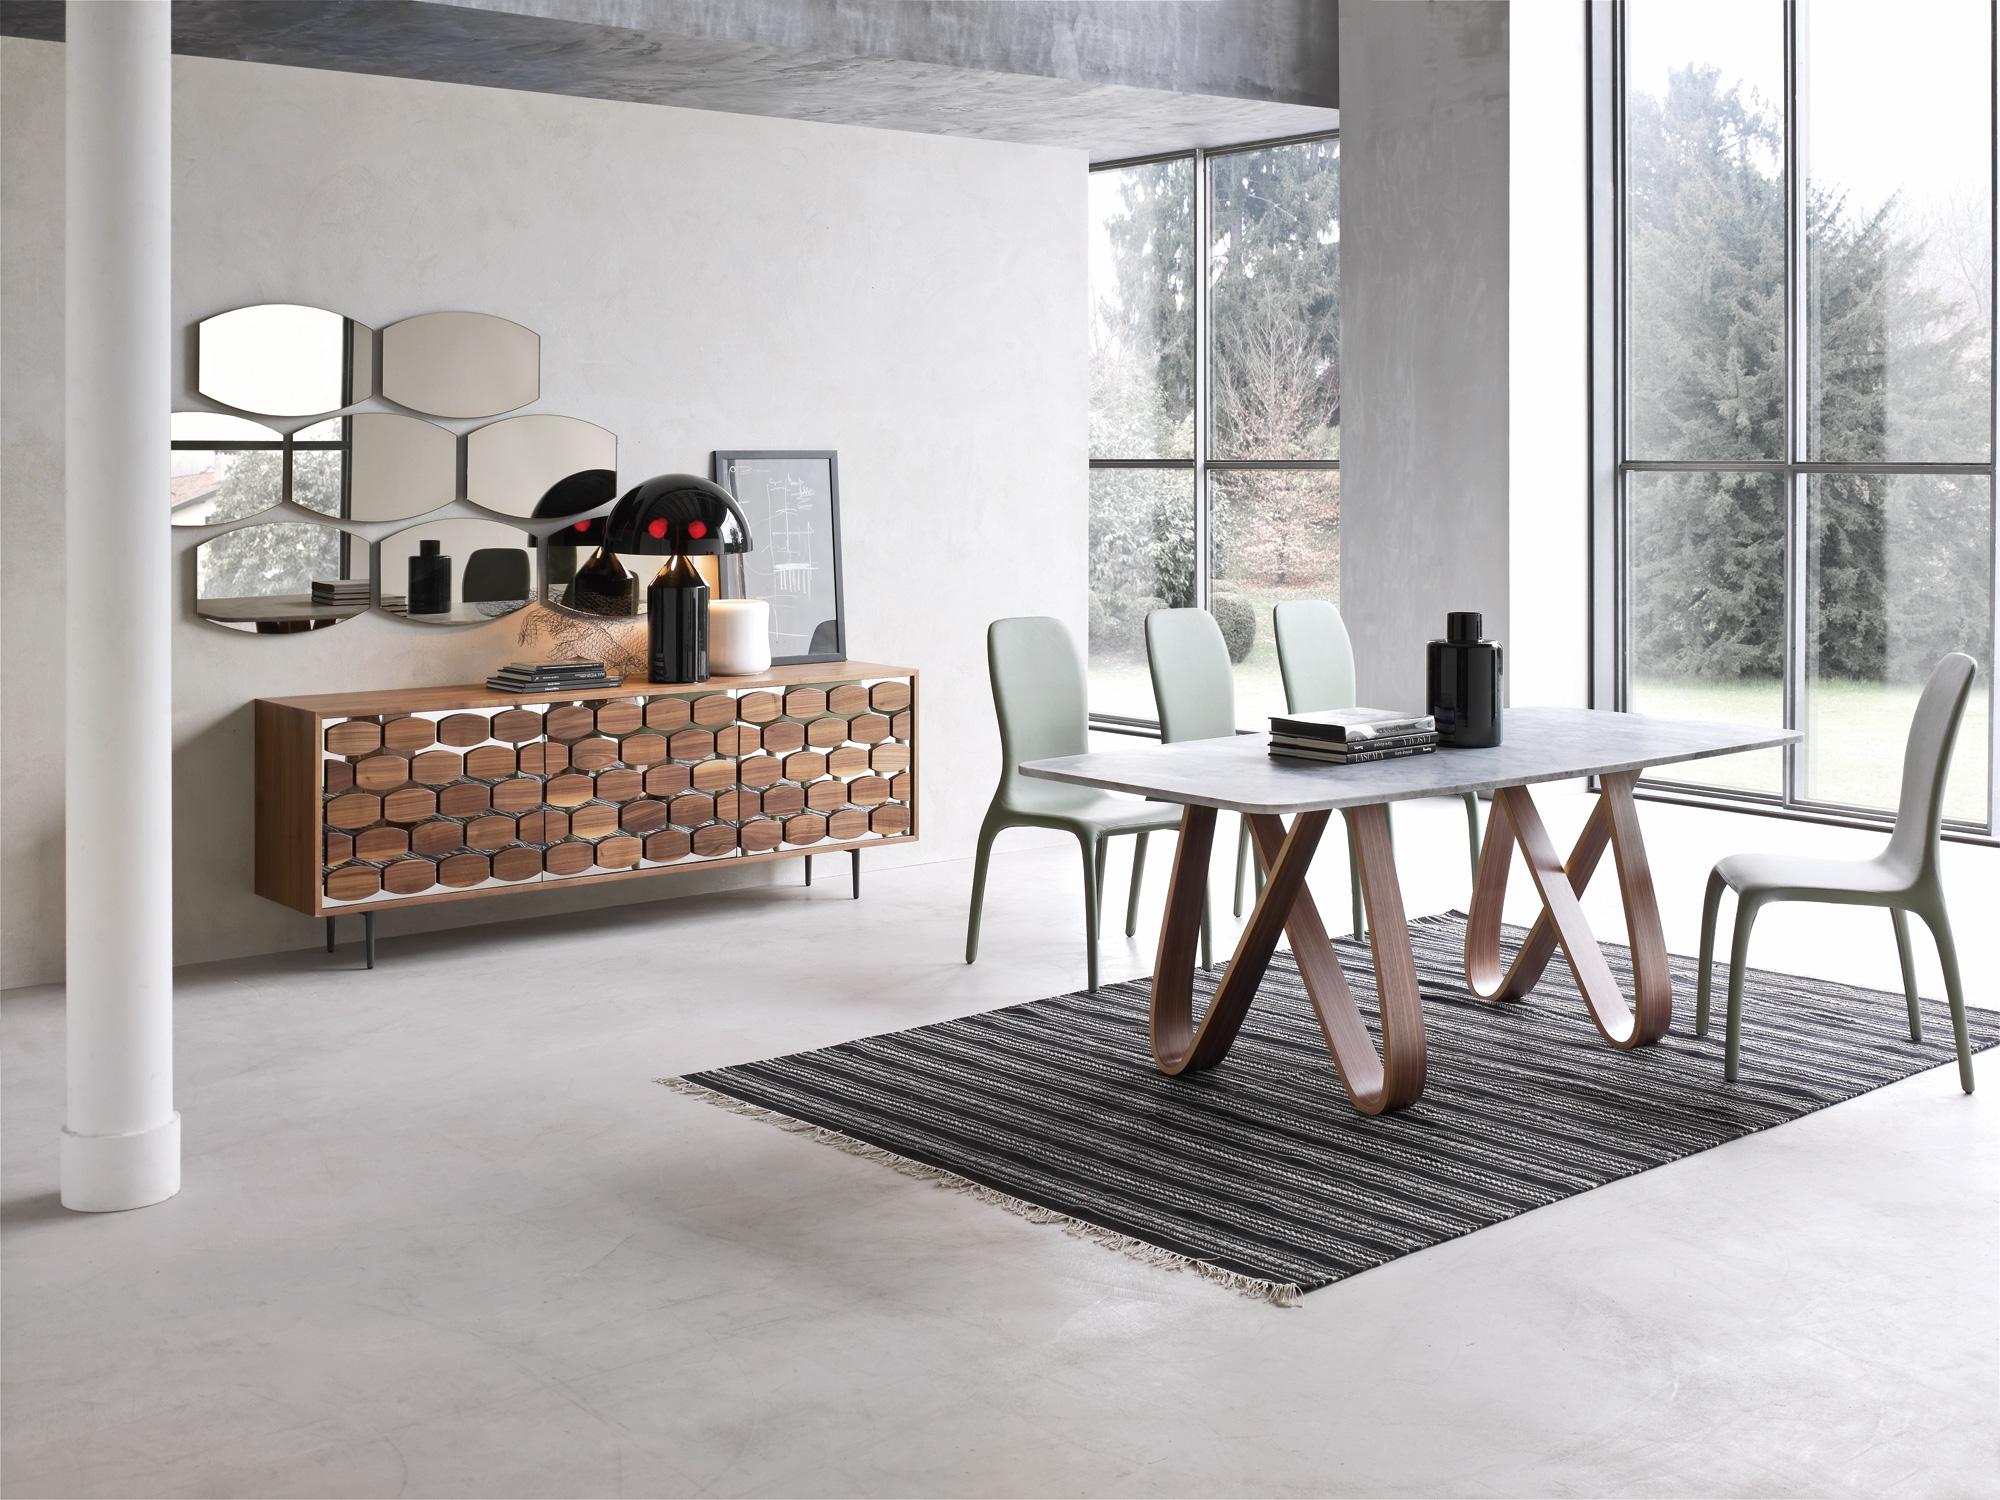 Tonin casa skin 7530 specchiera for Tavoli soggiorno moderni